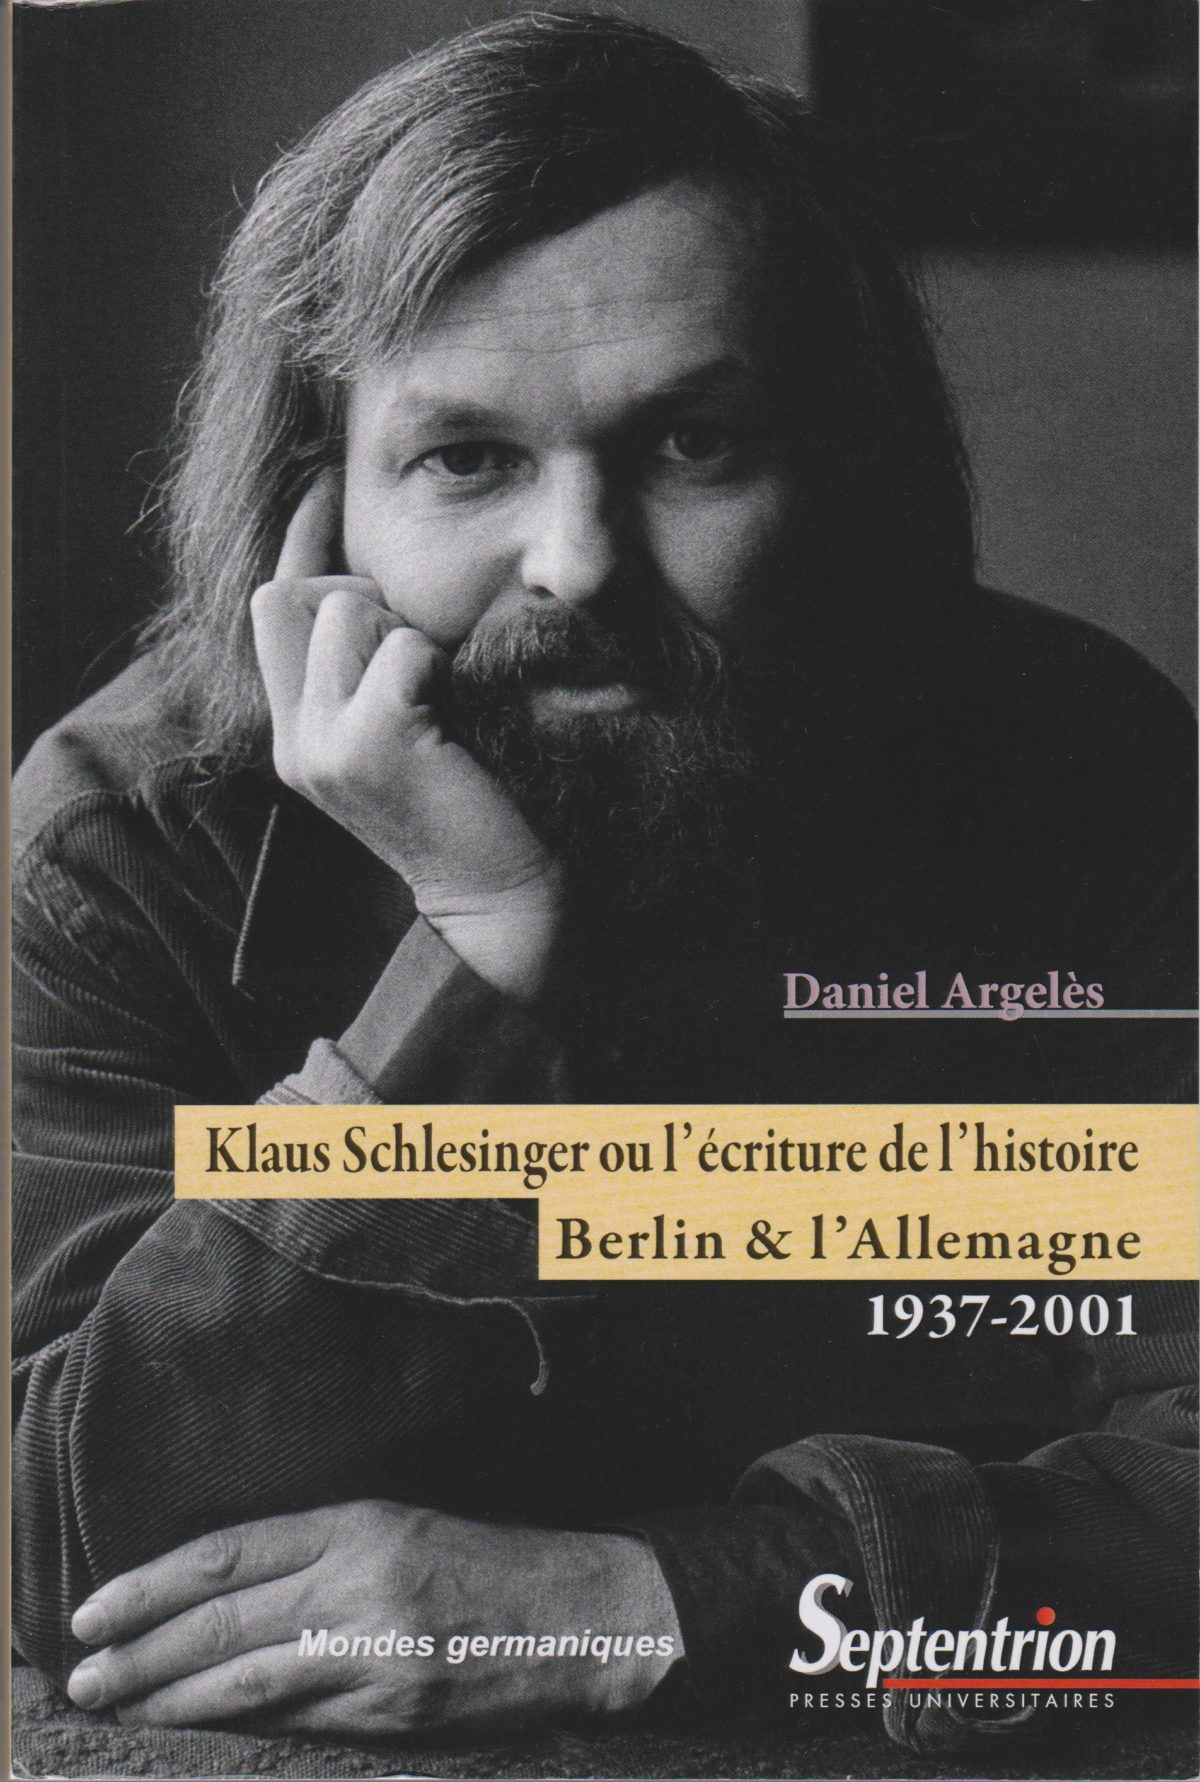 Klaus Schlesinger ou l'écriture de l'histoire, Berlin et l'Allemagne, 1937-2001